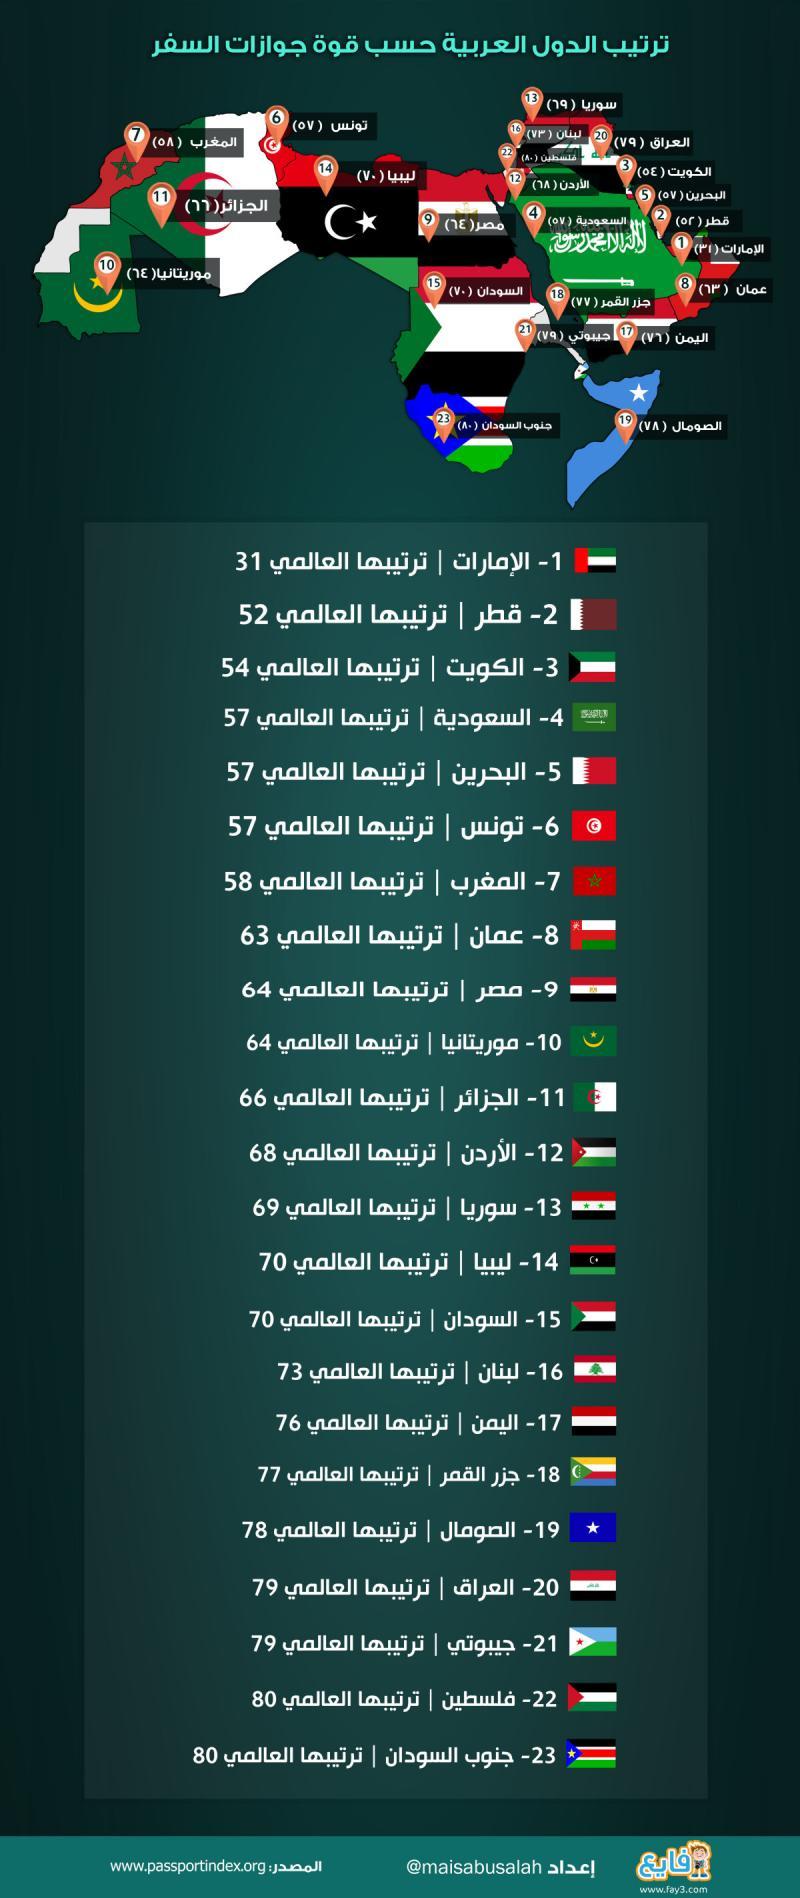 #انفوجرافيك ترتيب الدول العربية حسب قوة جوازات السفر